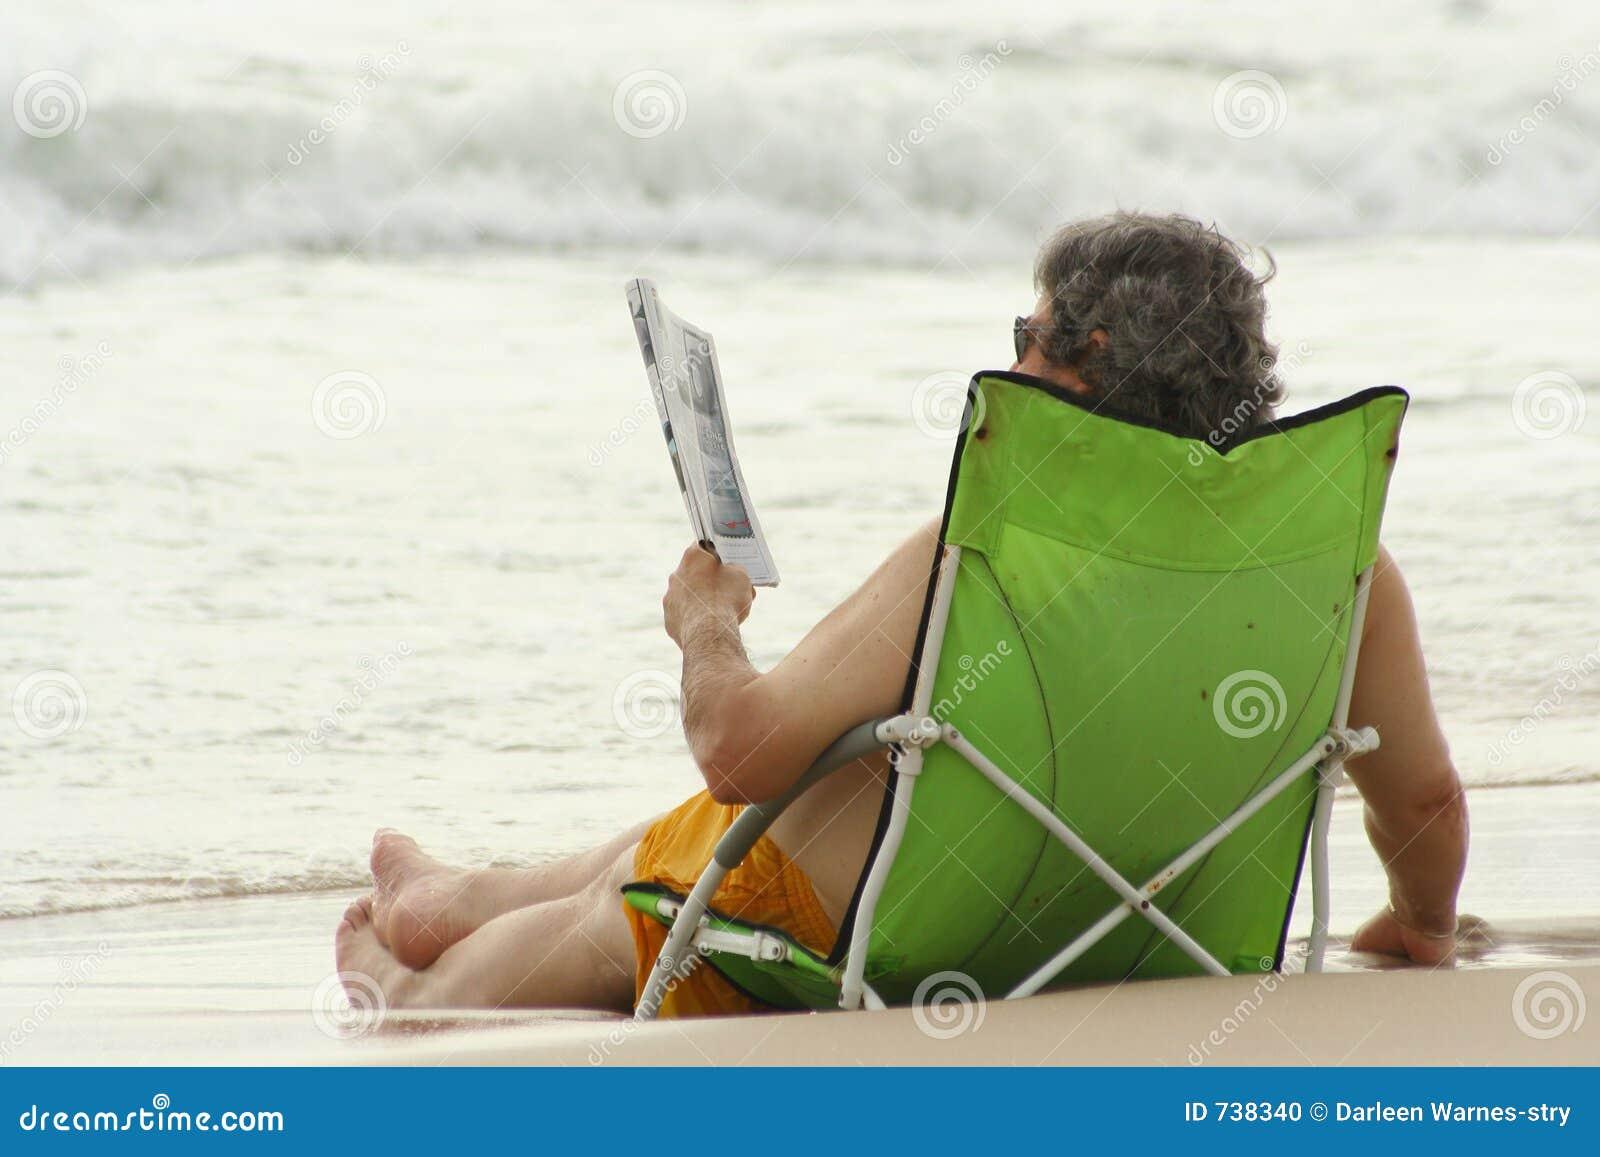 Le relevé de plage aussi